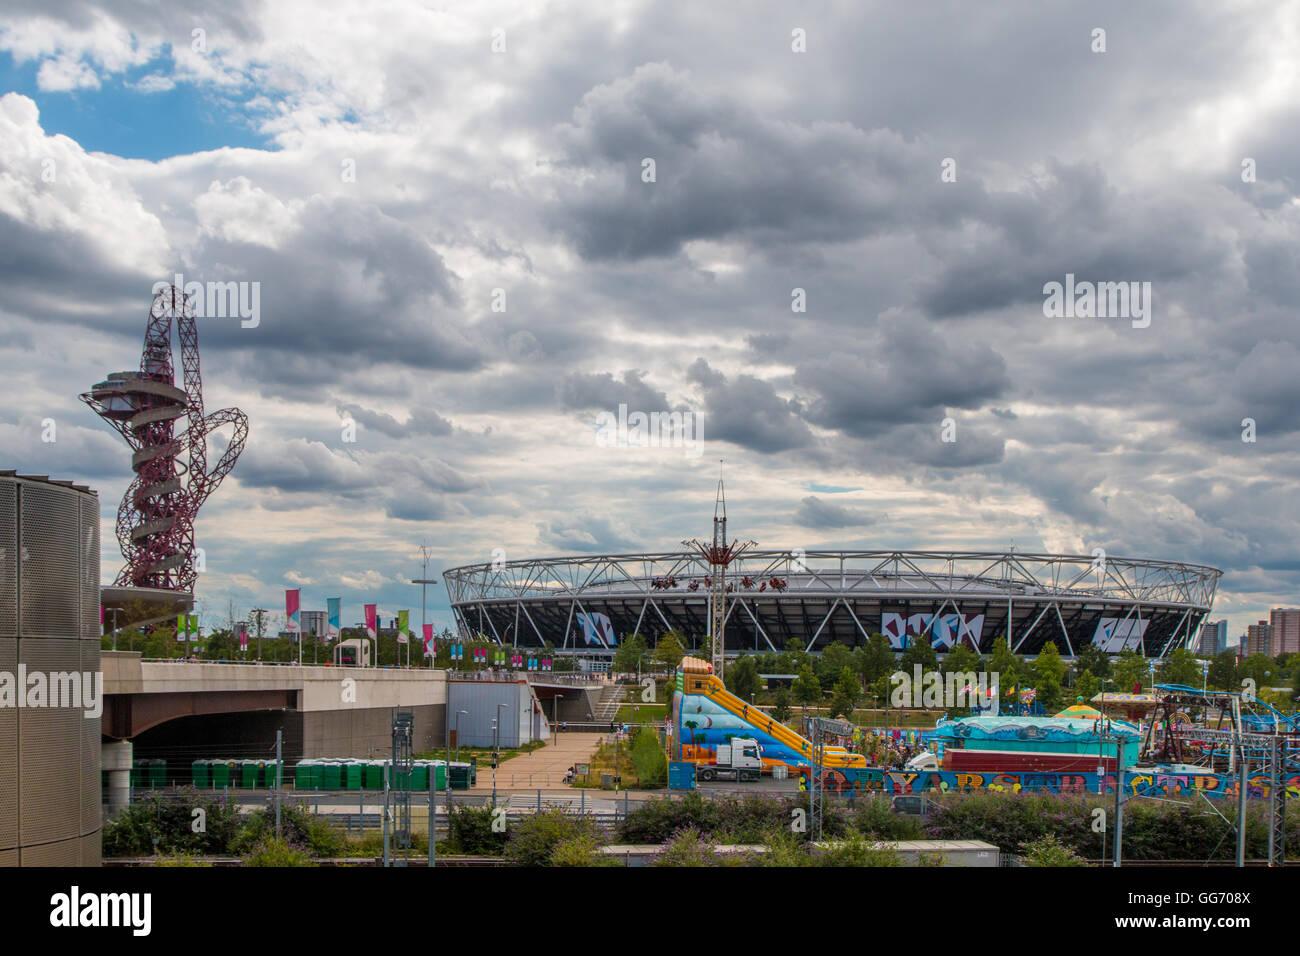 Queen Elizabeth II Olympic park - Stock Image